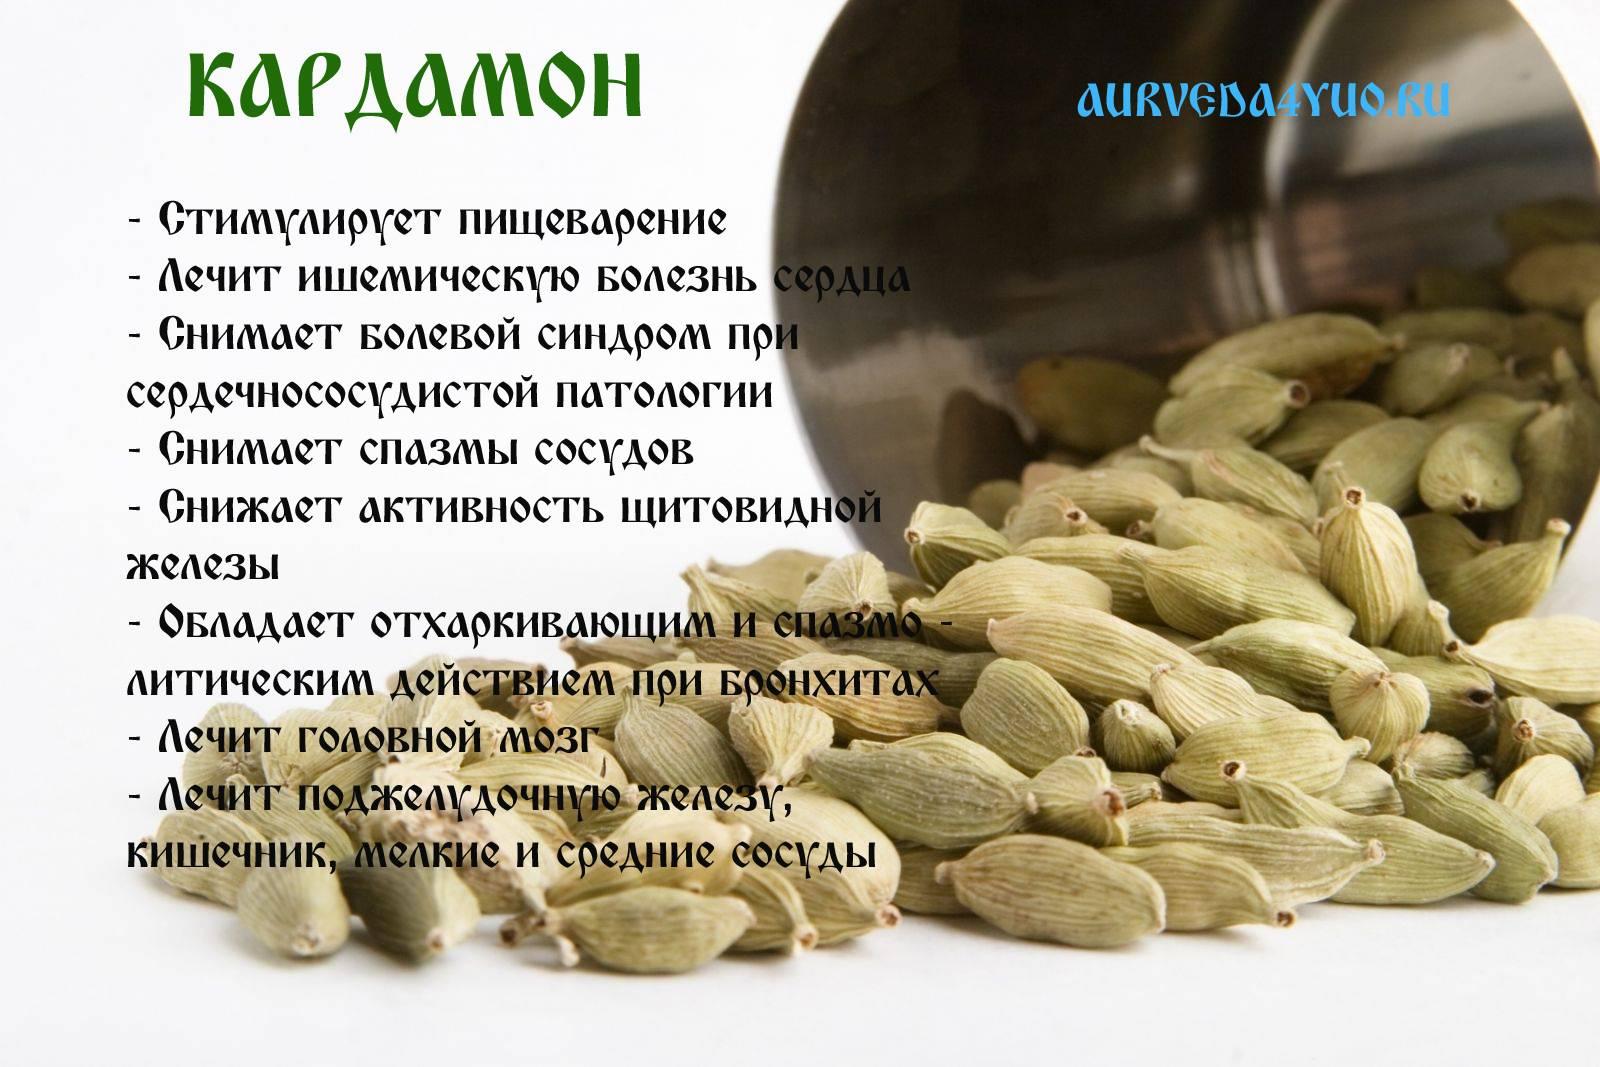 Как приготовить кофе с кардамоном - рецепты, польза и вред